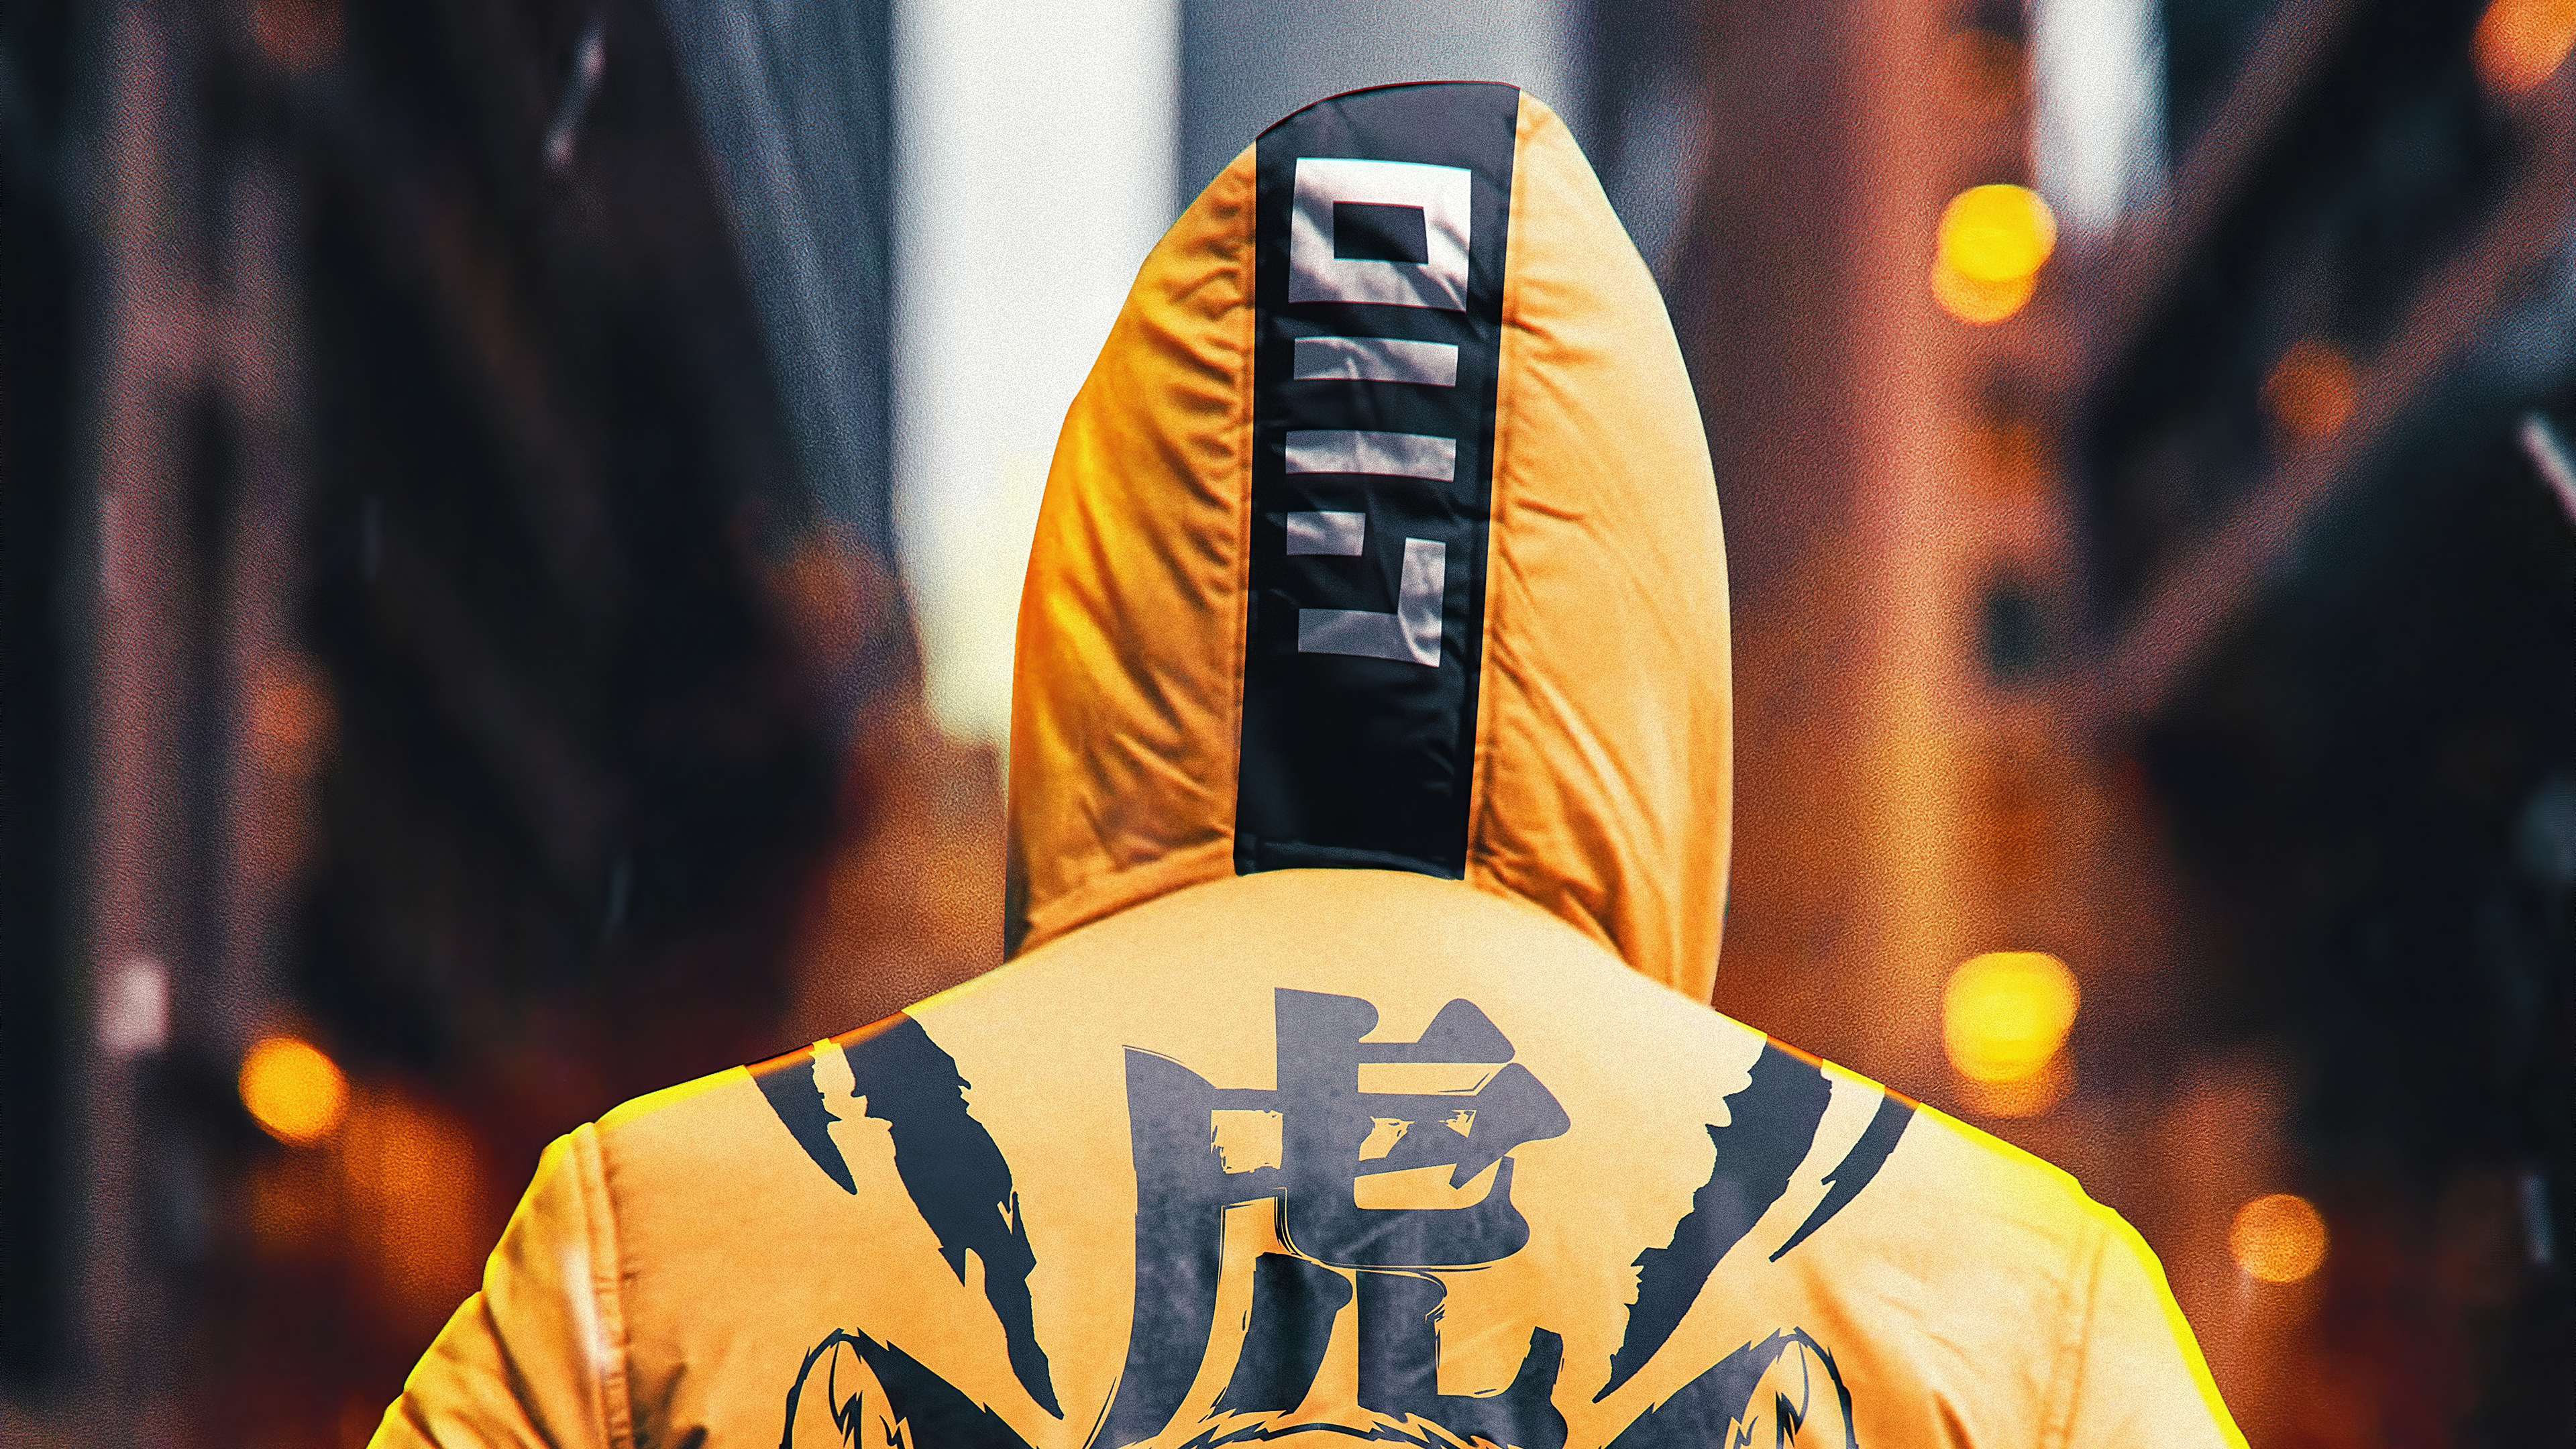 ninja hoodie boy 1574938625 - Ninja Hoodie Boy -